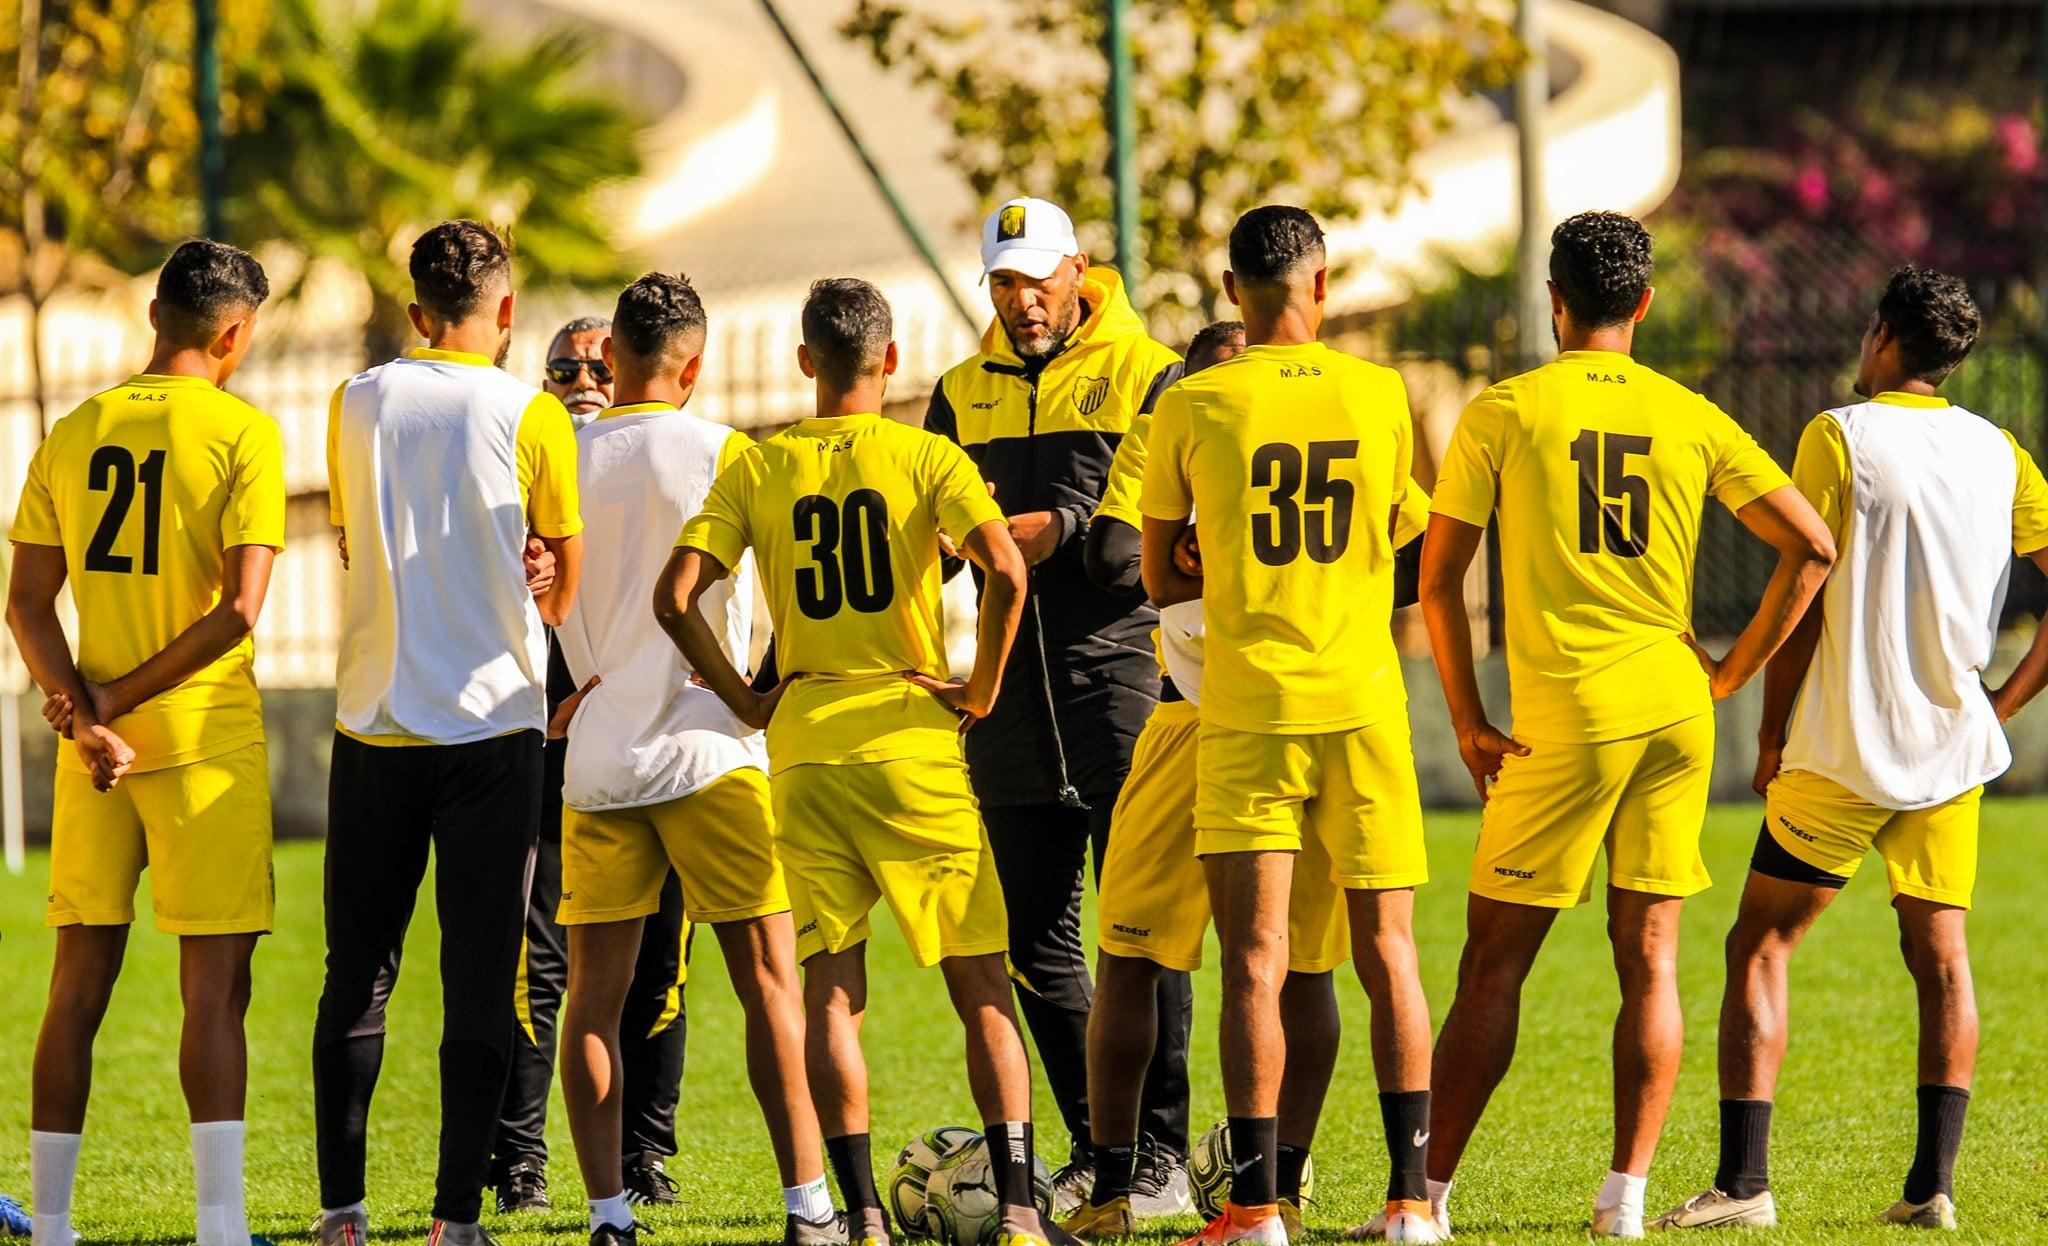 تقرير  المنتخب : إقالة 3 مدربين على السريع في البطولة